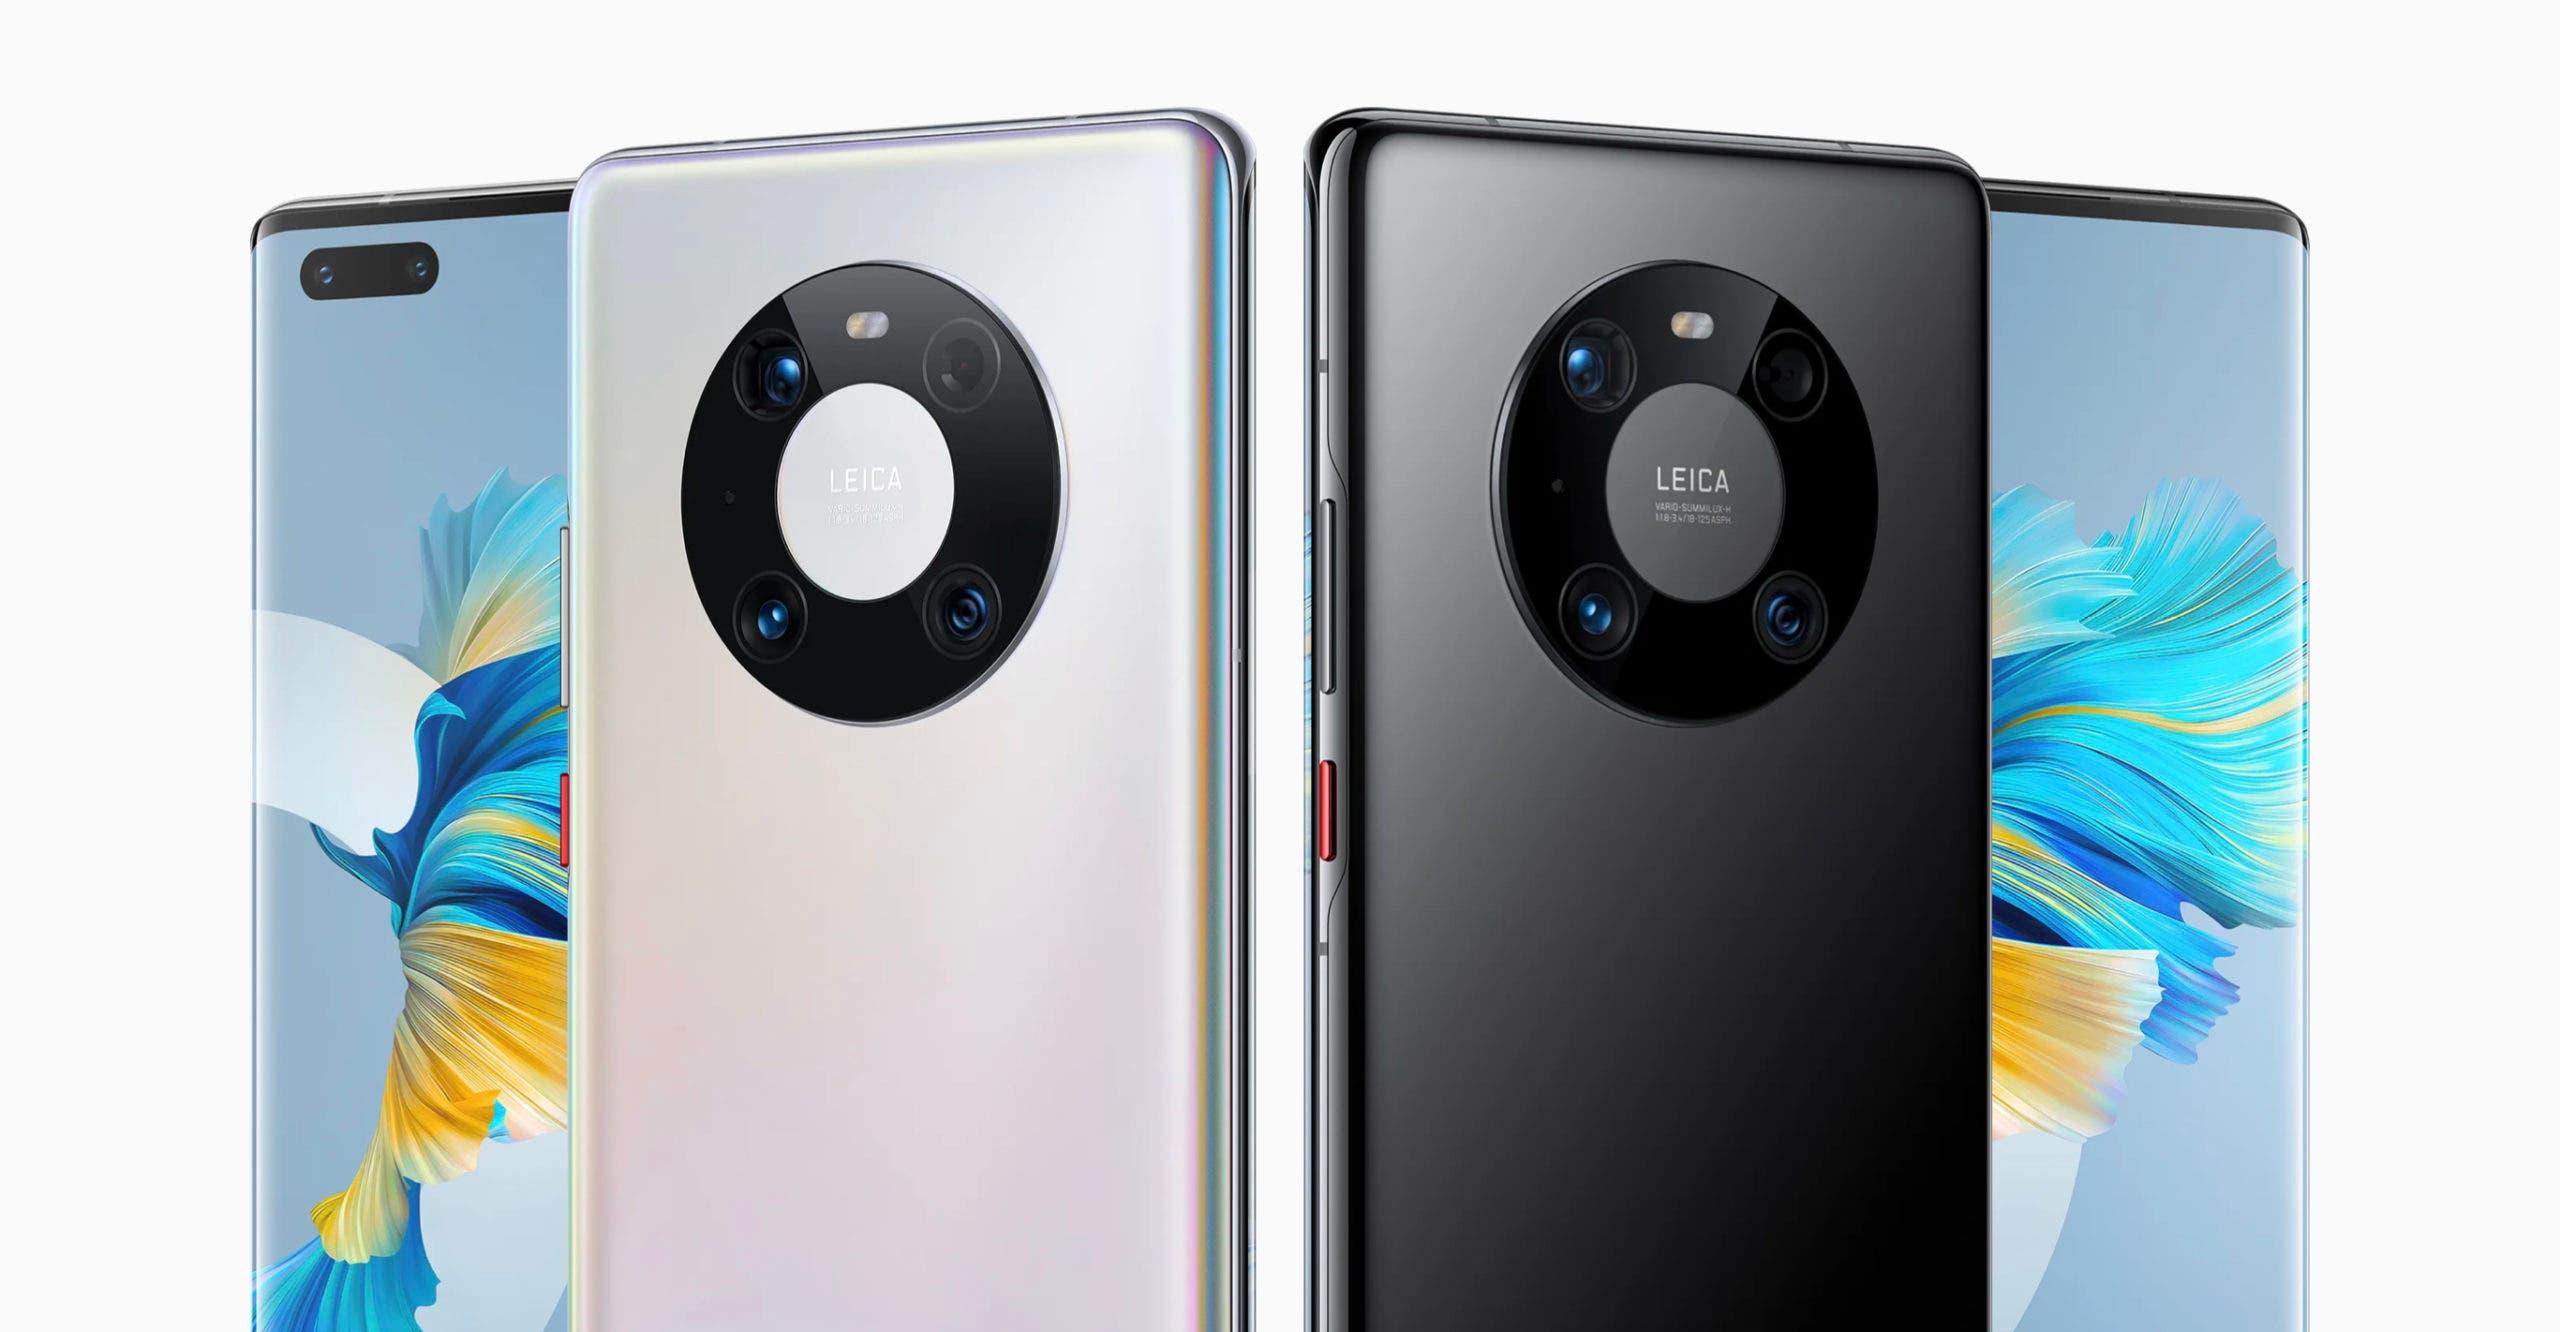 Huawei-gerettet-Qualcomm-darf-Prozessoren-ausliefern